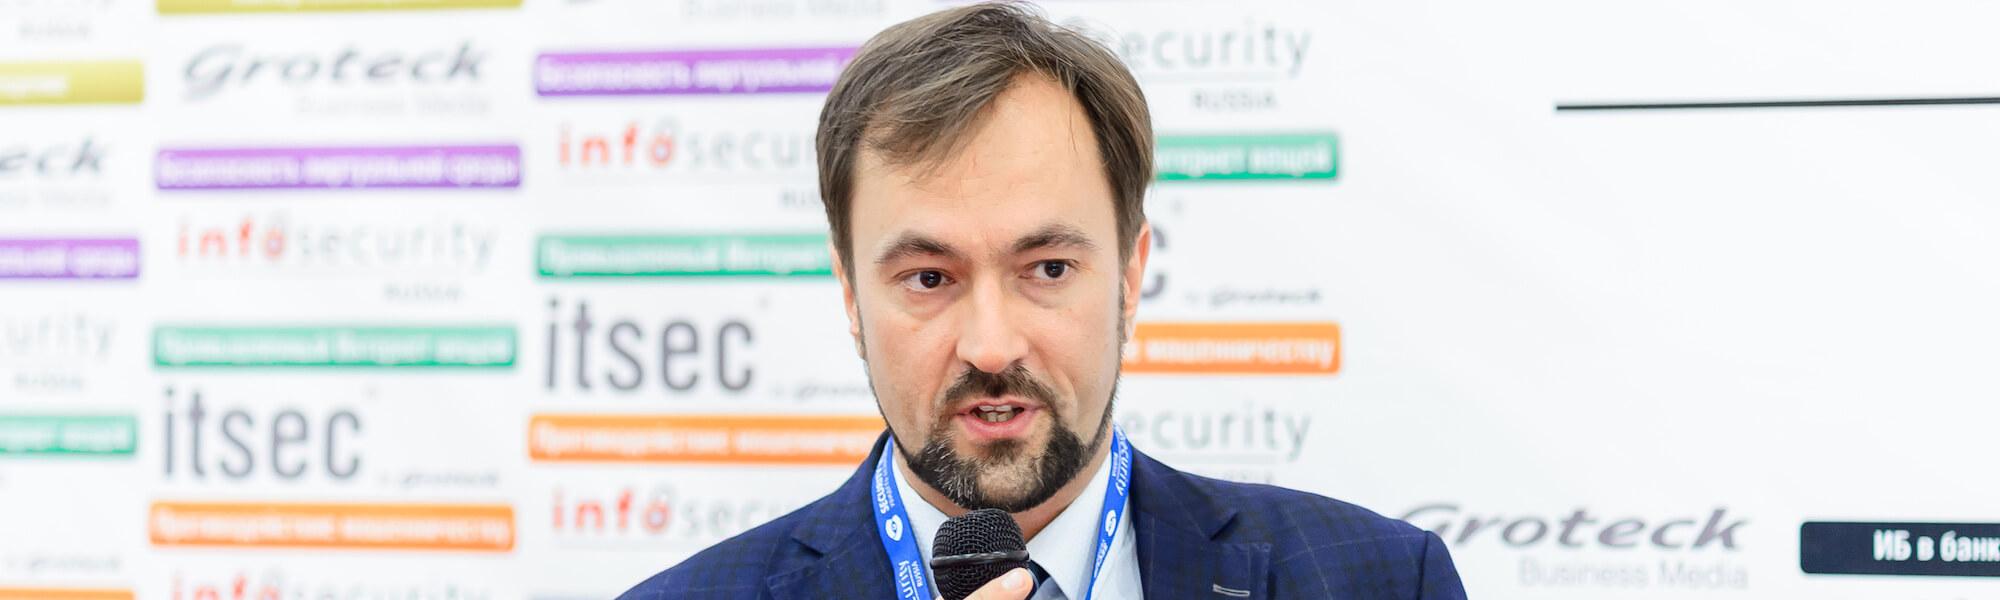 Sergey Khodakov